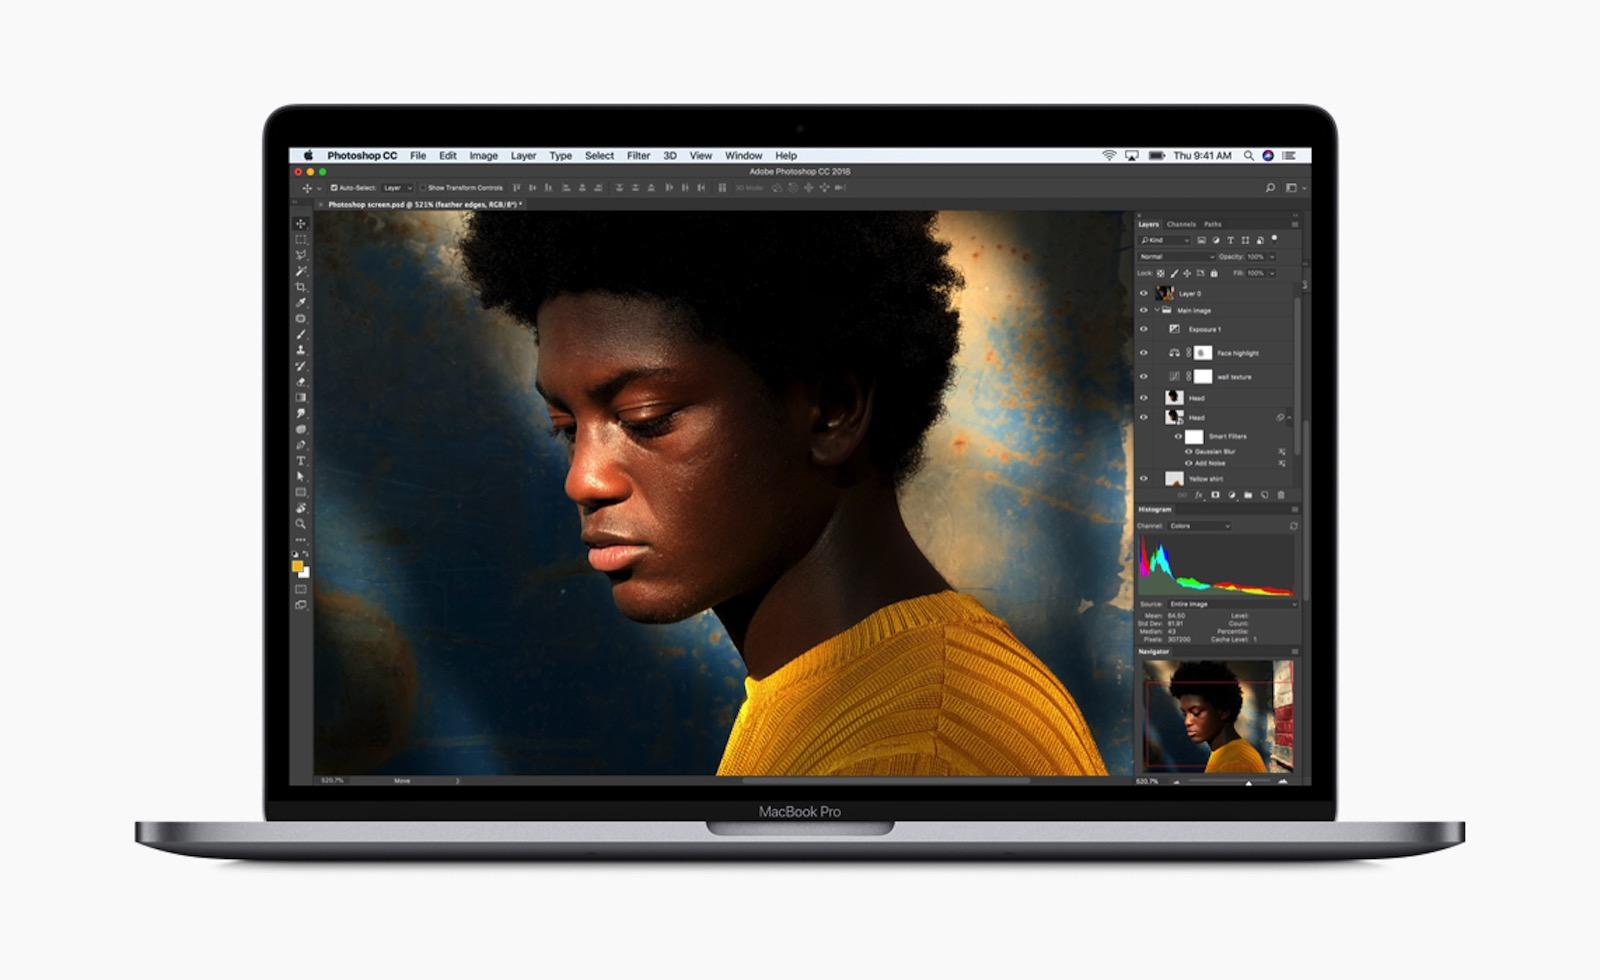 Apple_macbook_pro_update_True_Tone_Technology_07122018.jpg